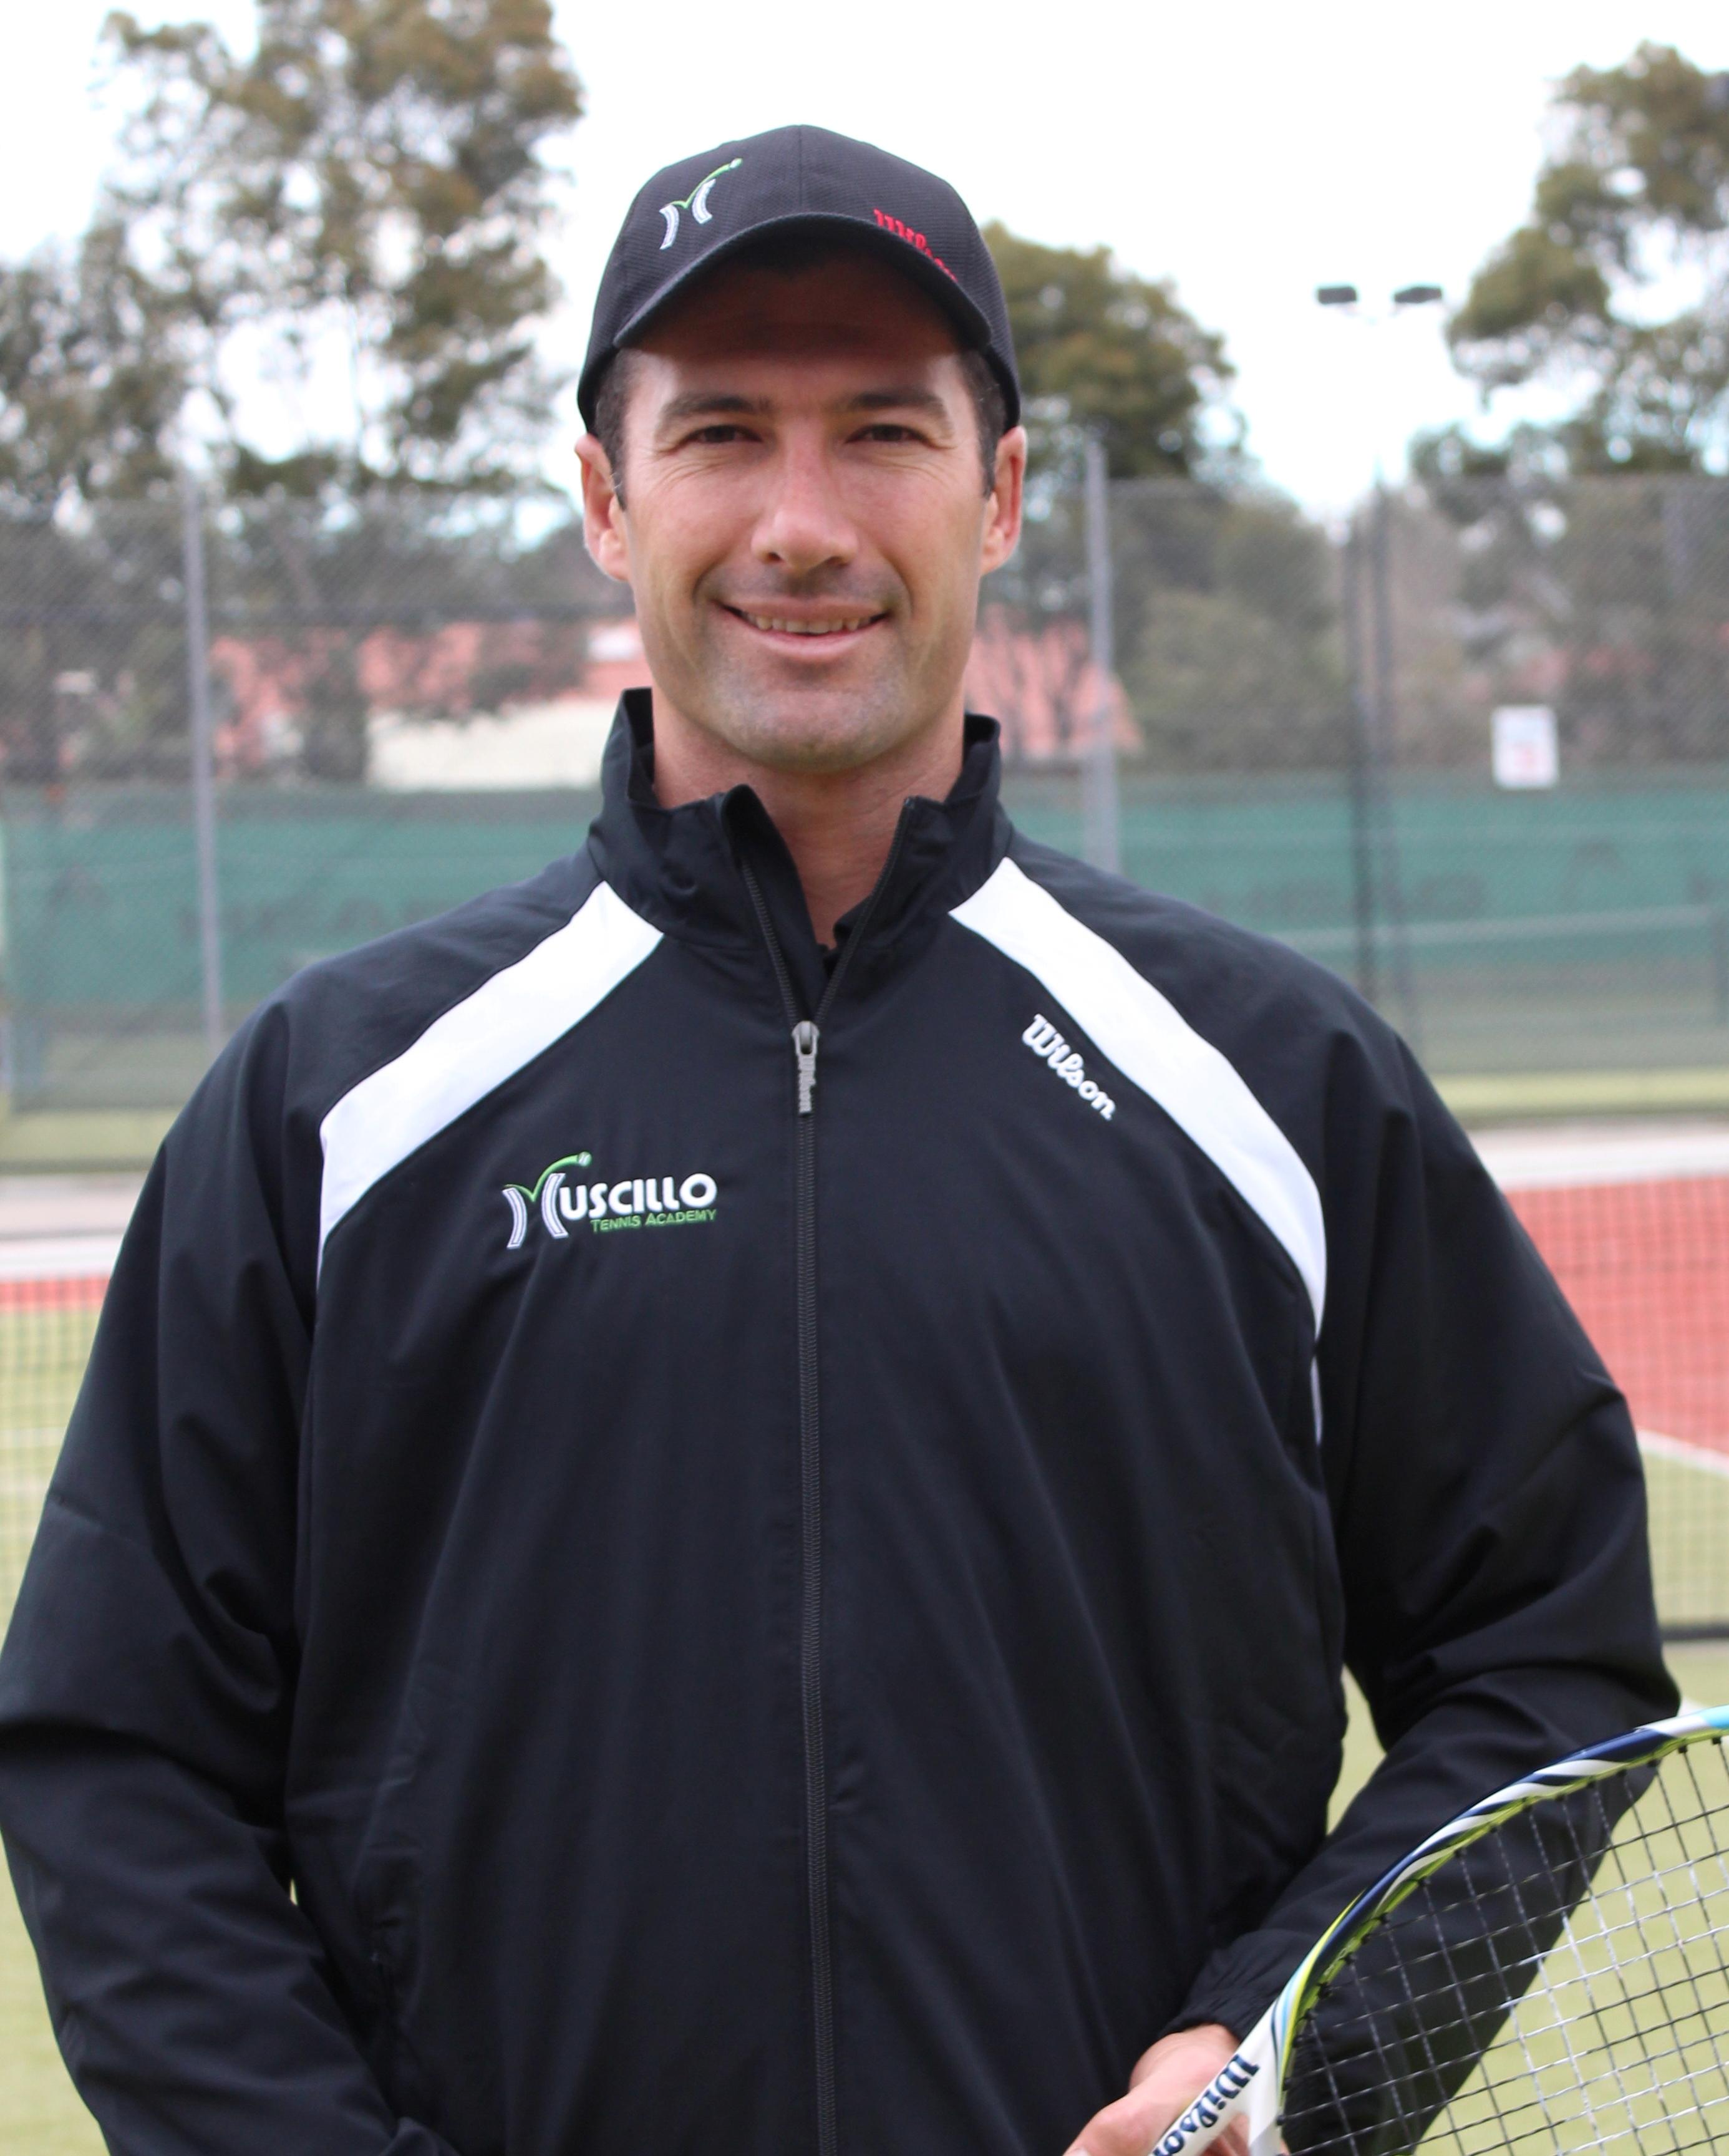 Adrian Muscillo